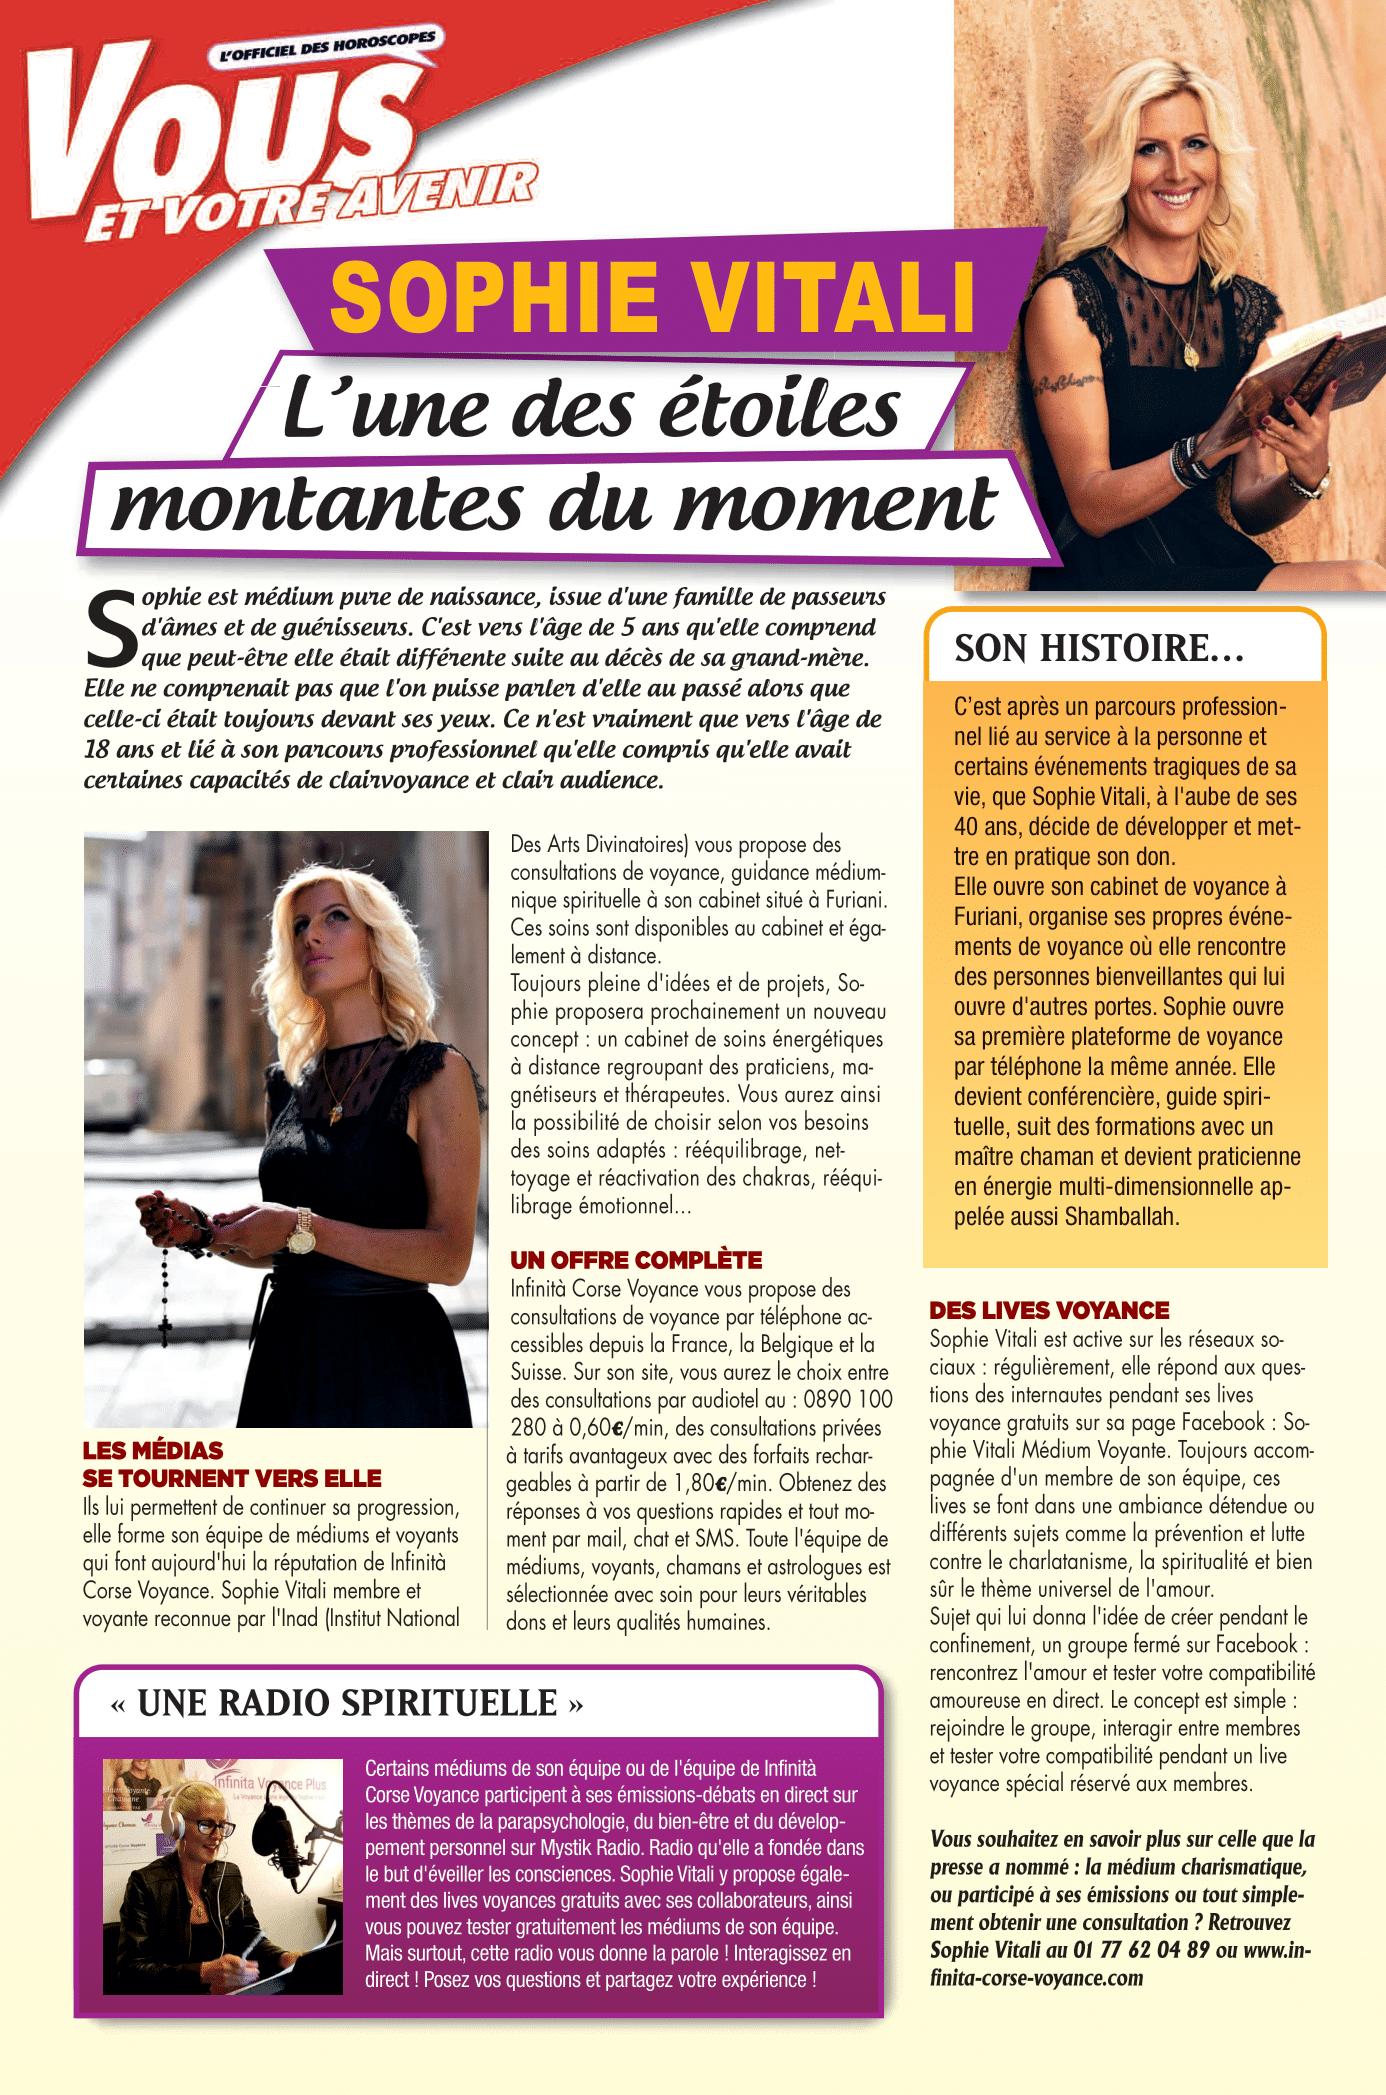 Sophie Vitali dans le magazine Vous et votre avenir Novembre 2020